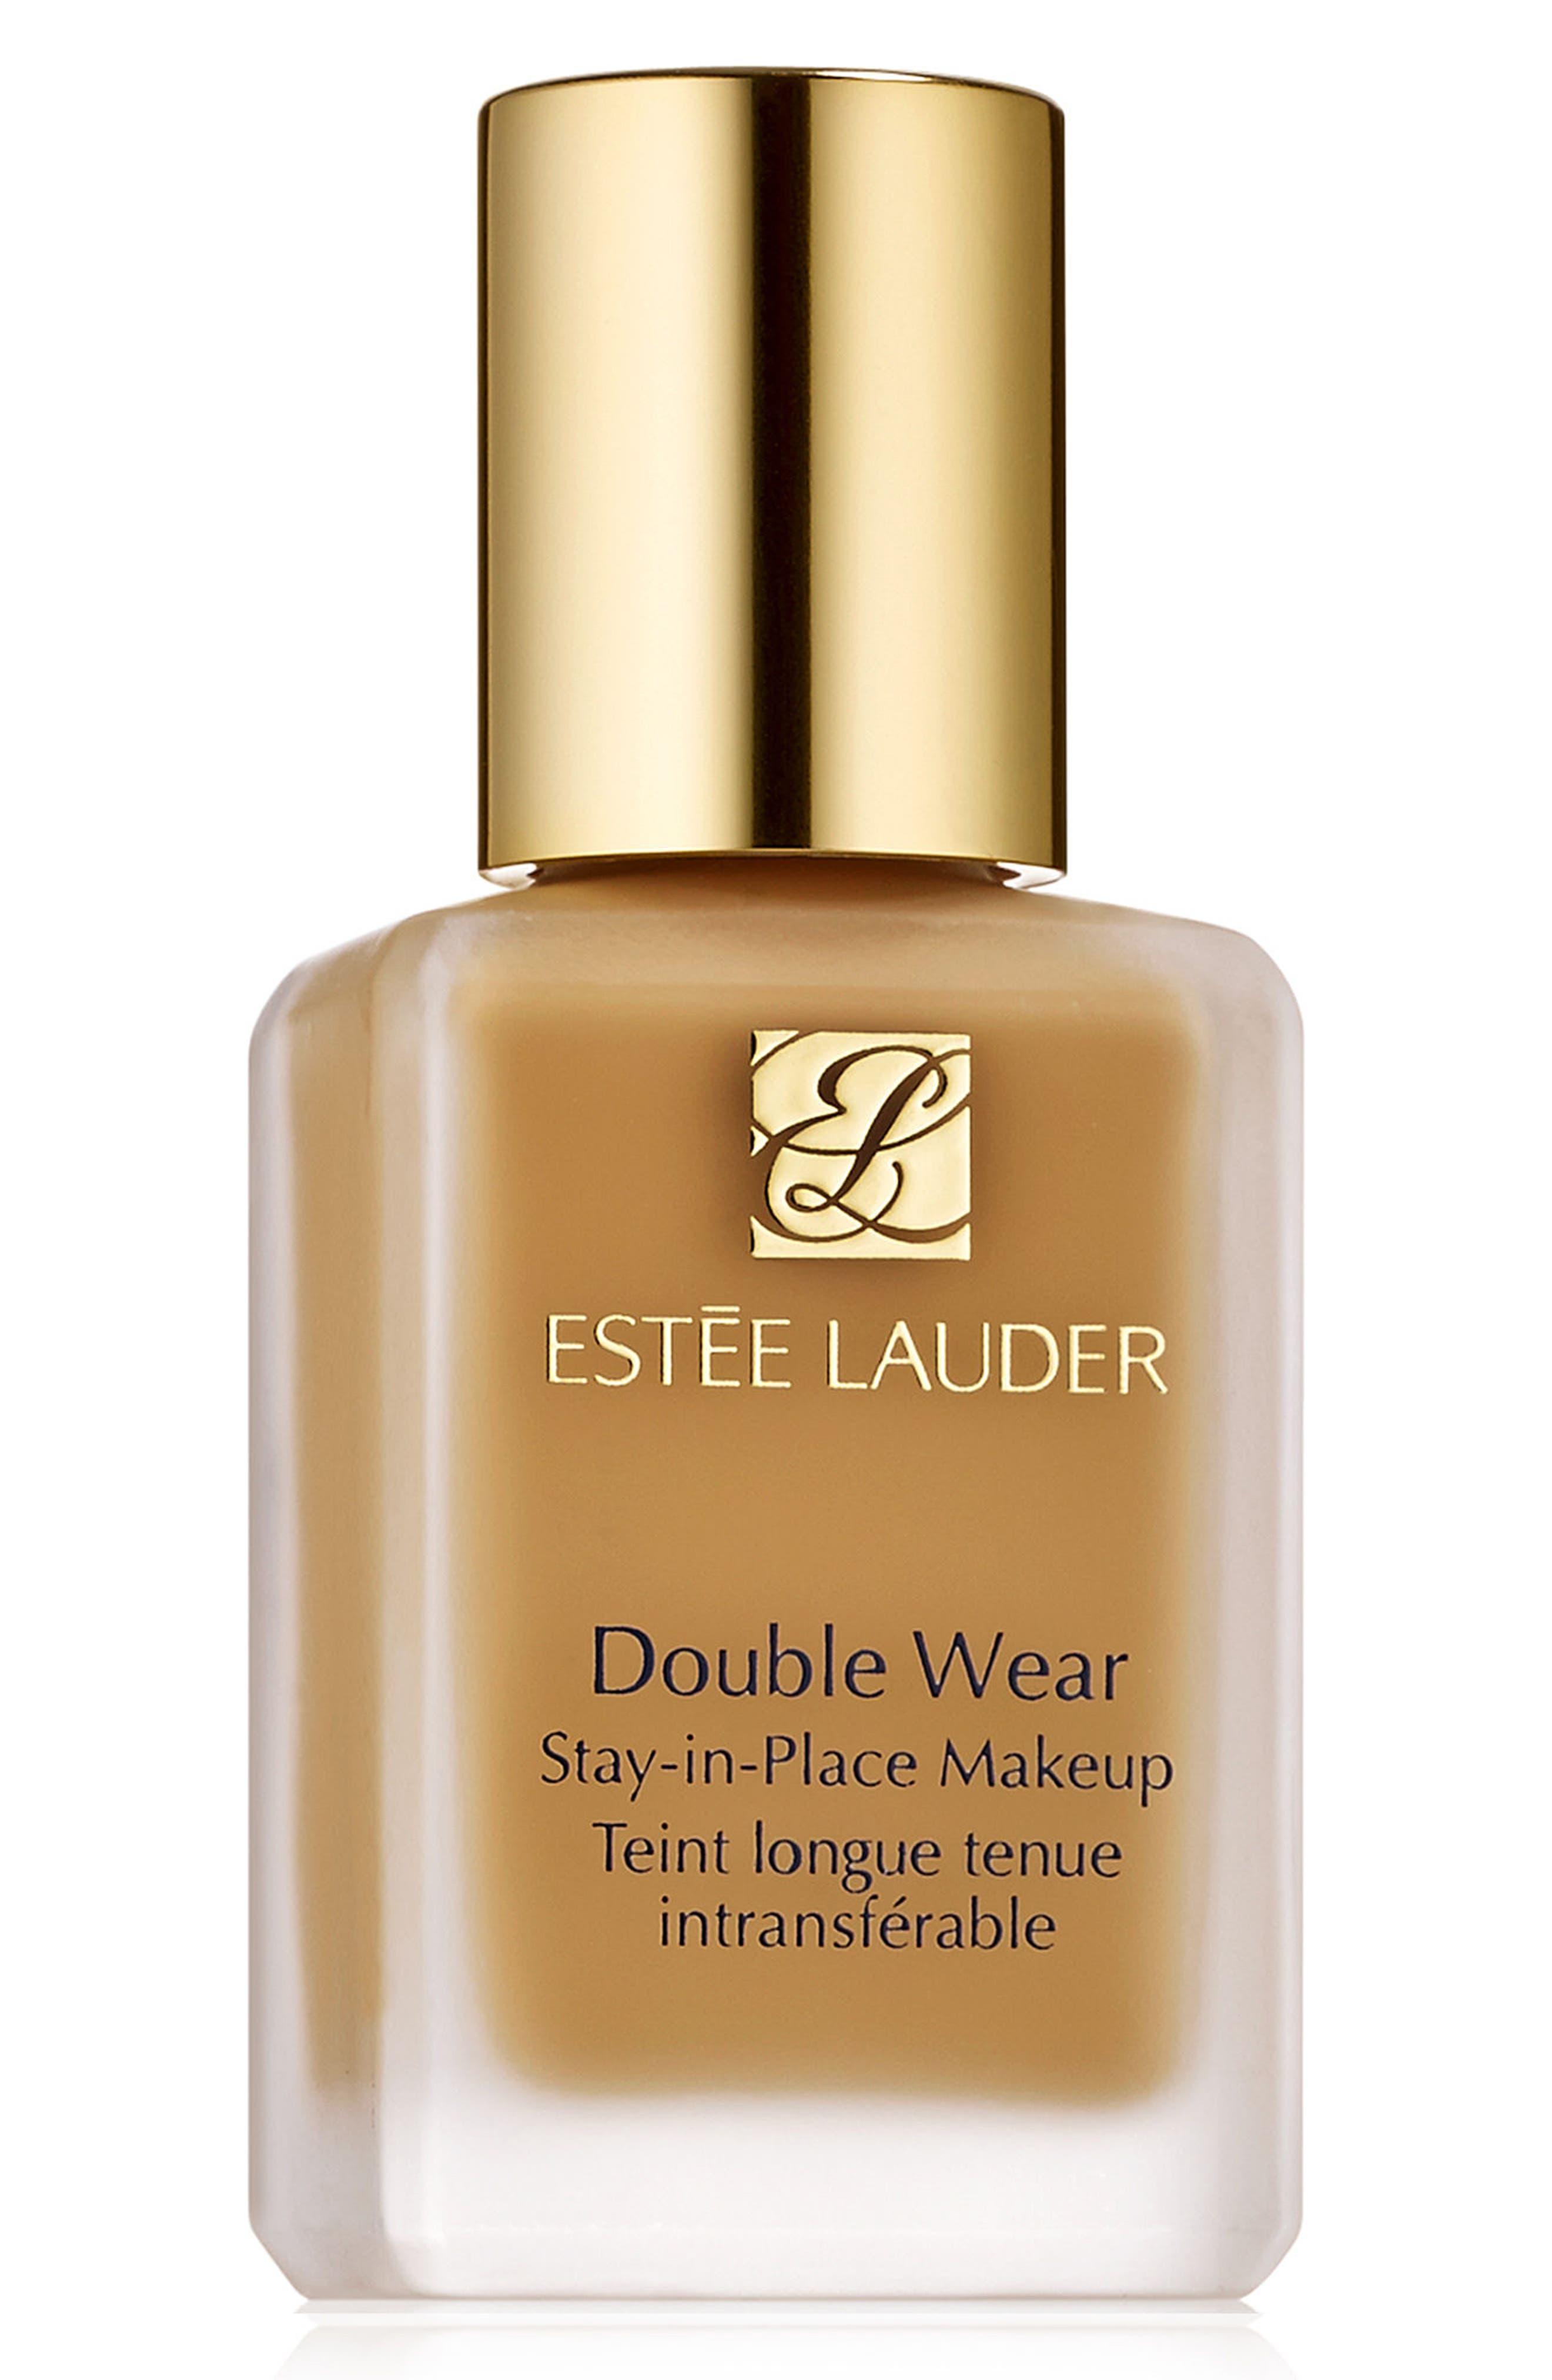 Estee Lauder Double Wear Stay-In-Place Liquid Makeup - 4N1 Shell Beige